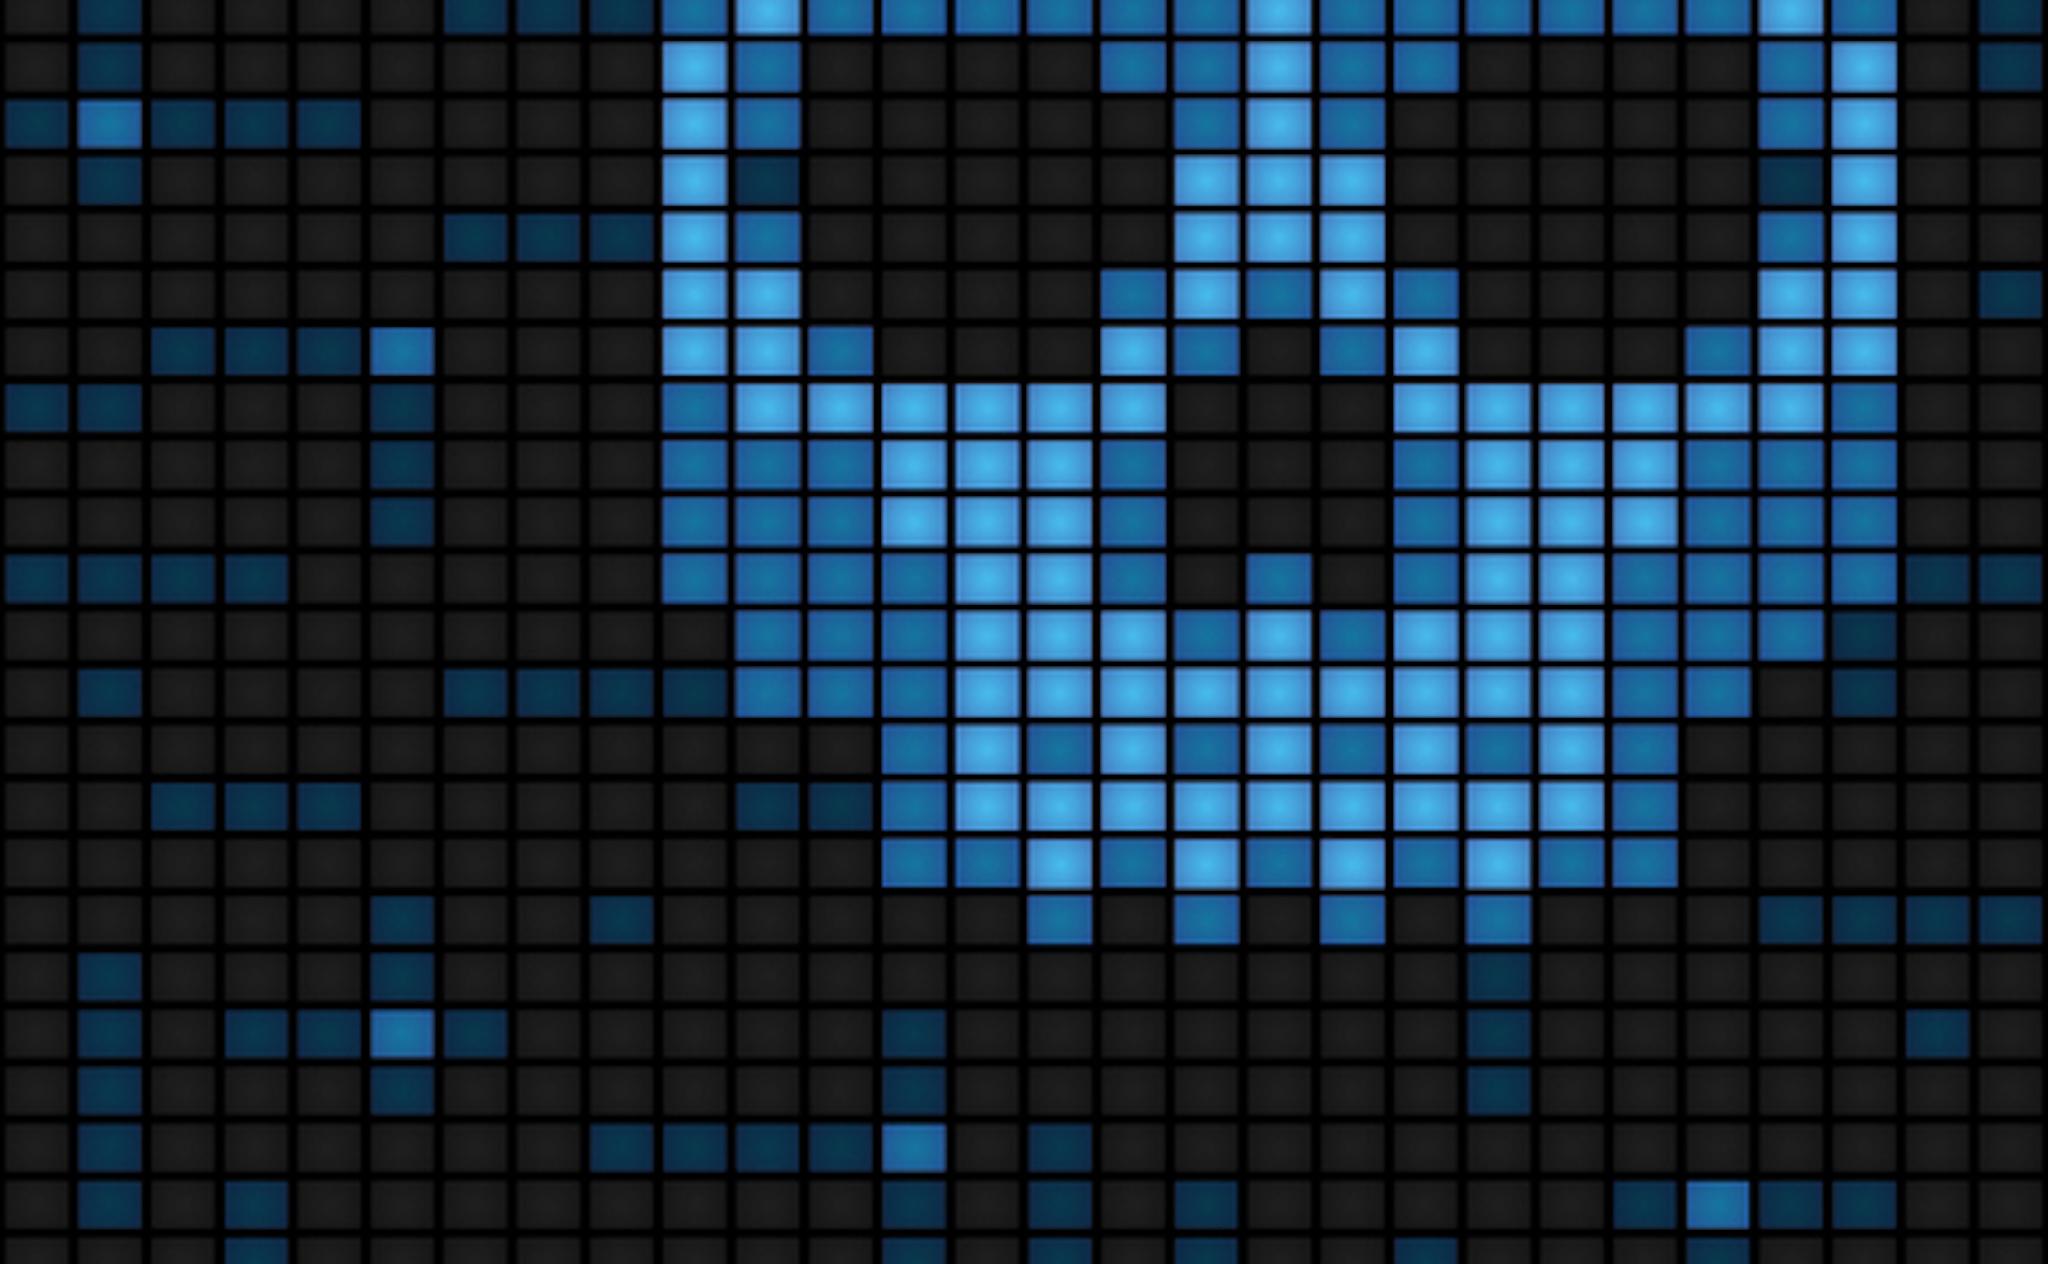 virusmalware.jpg